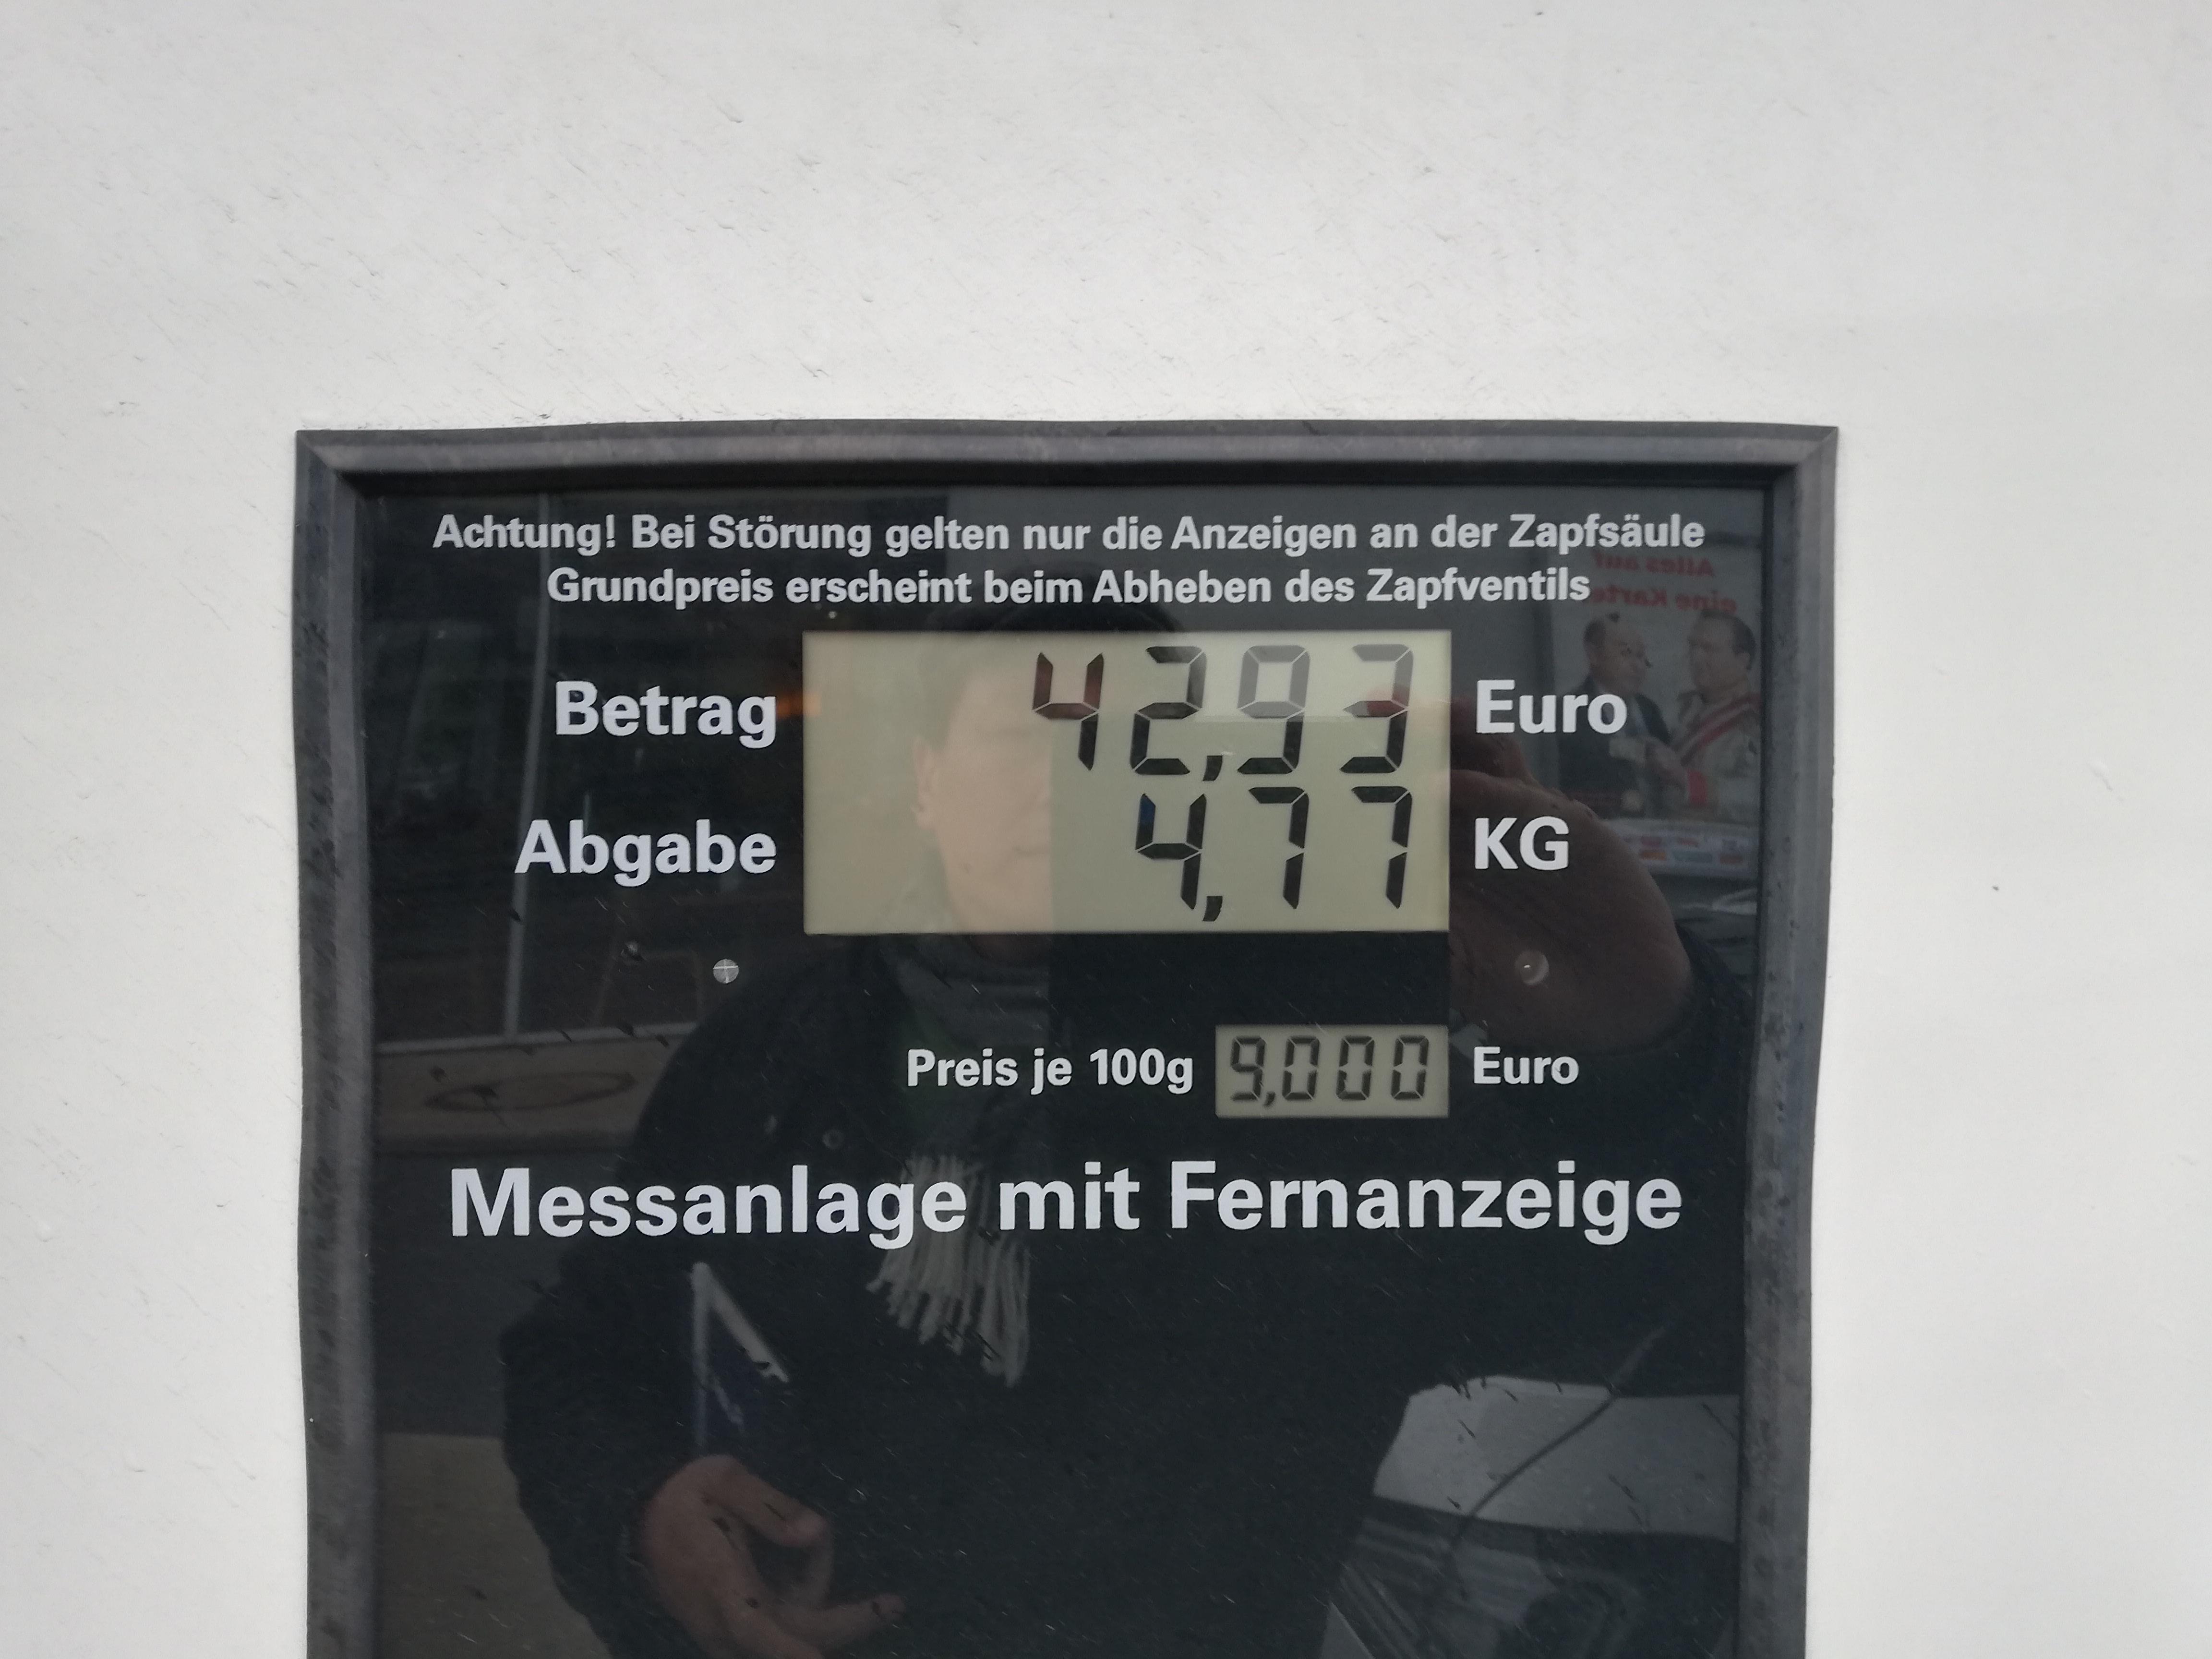 hyundai-nexo-range-test-hydrochan-Vienna-Offenbach-Innsbruck wasserstoff tankstelle omv andechsstrasse euro kilogramm